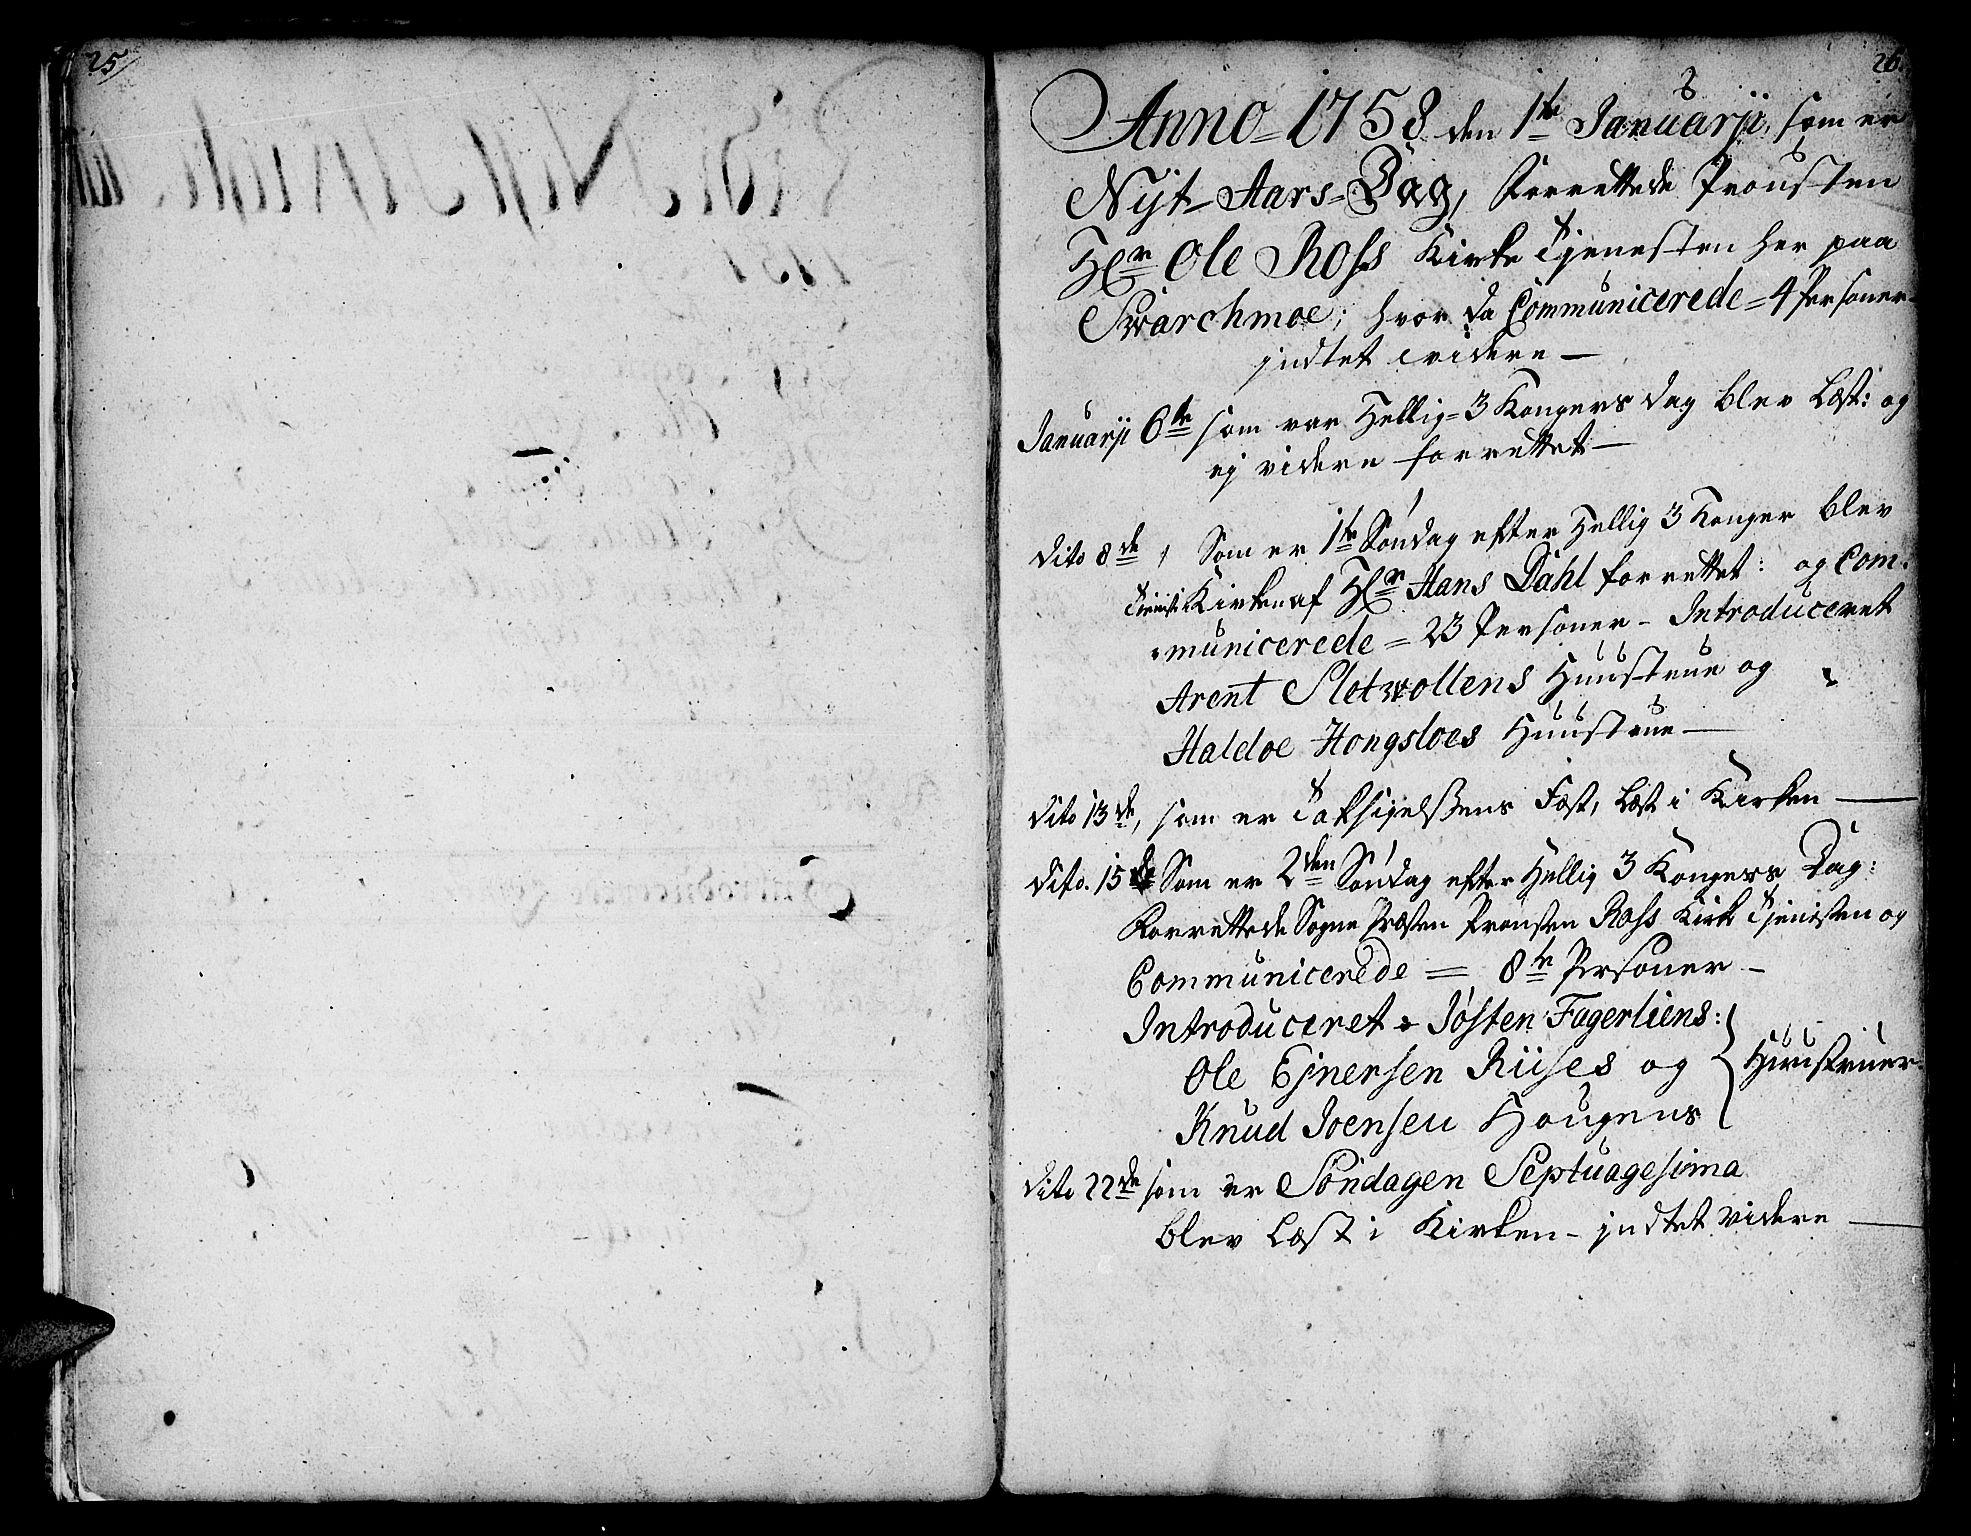 SAT, Ministerialprotokoller, klokkerbøker og fødselsregistre - Sør-Trøndelag, 671/L0840: Ministerialbok nr. 671A02, 1756-1794, s. 25-26